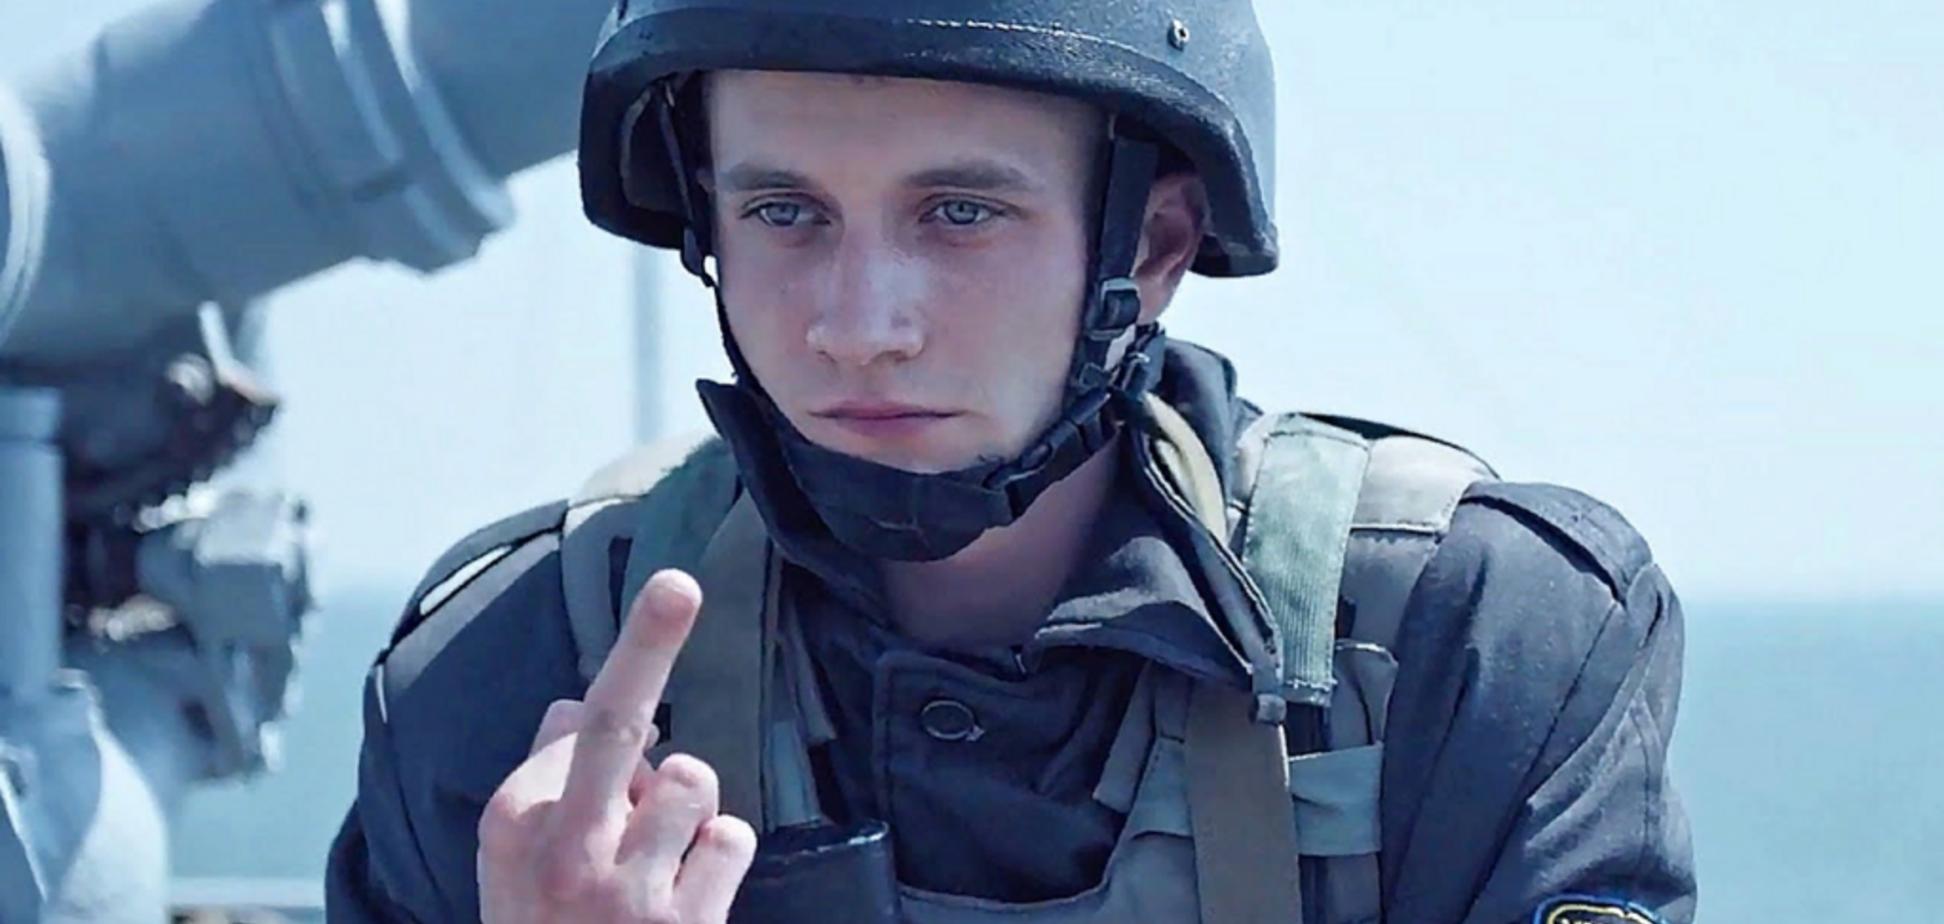 'Фільмопром для упоротих!' Чому новий український фільм 'Черкаси' так розлютив росіян